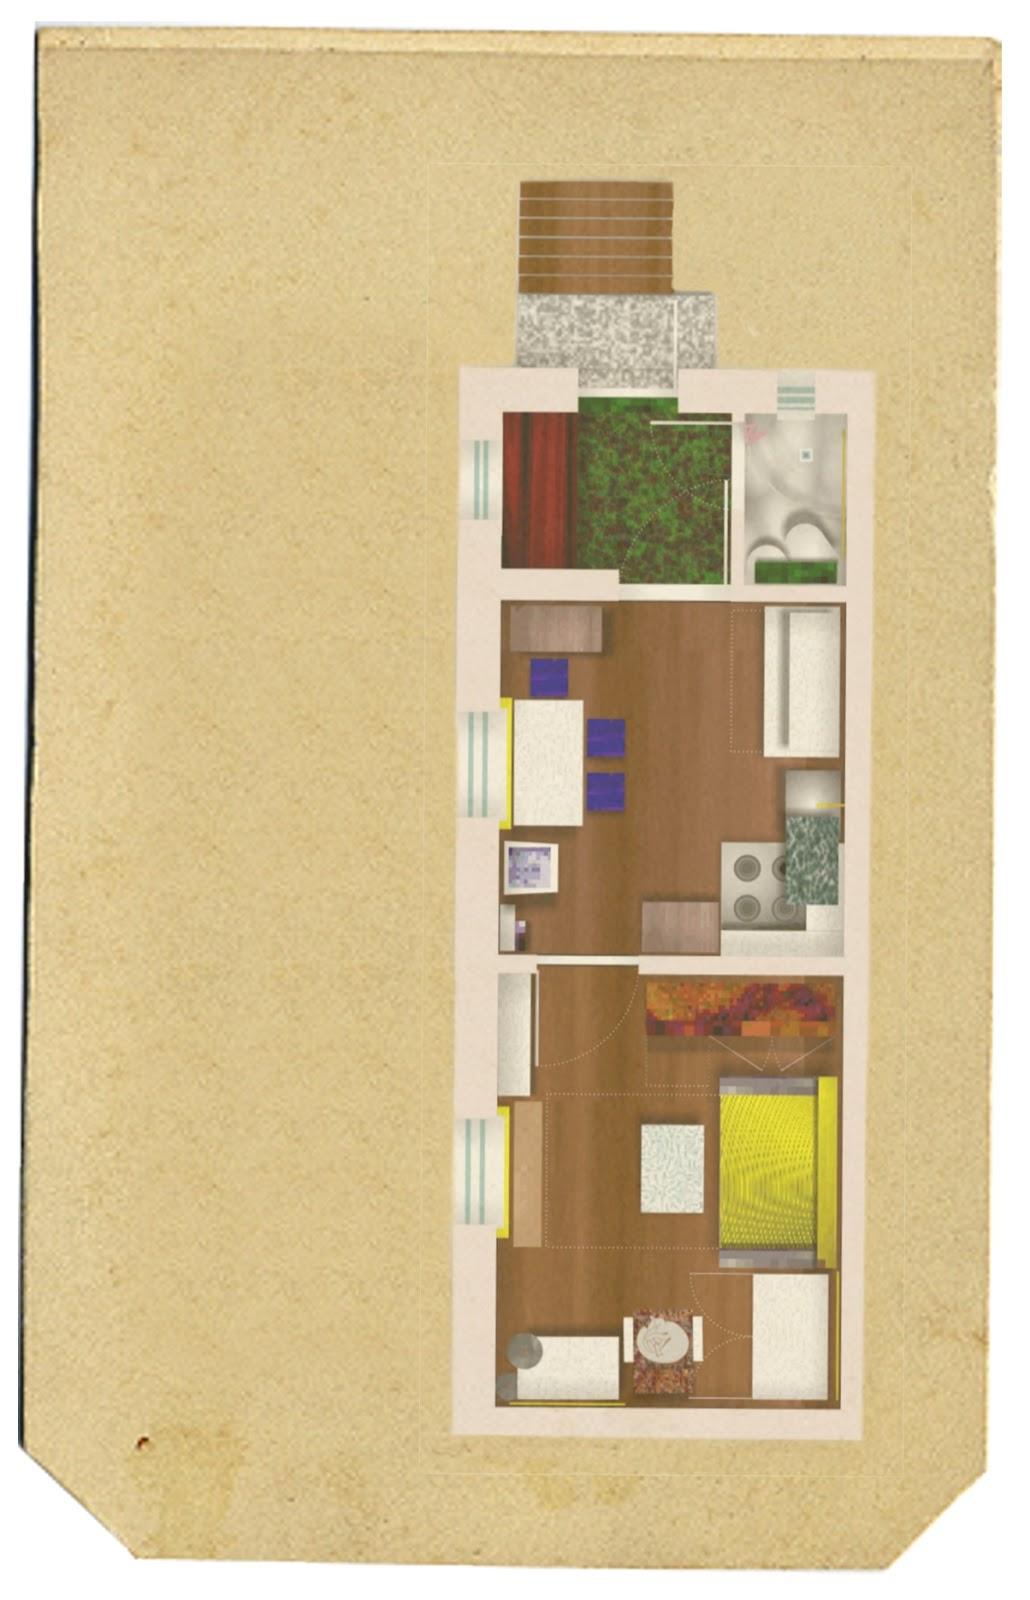 małe mieszkanie i studio twórcze w jednym RoomToLove